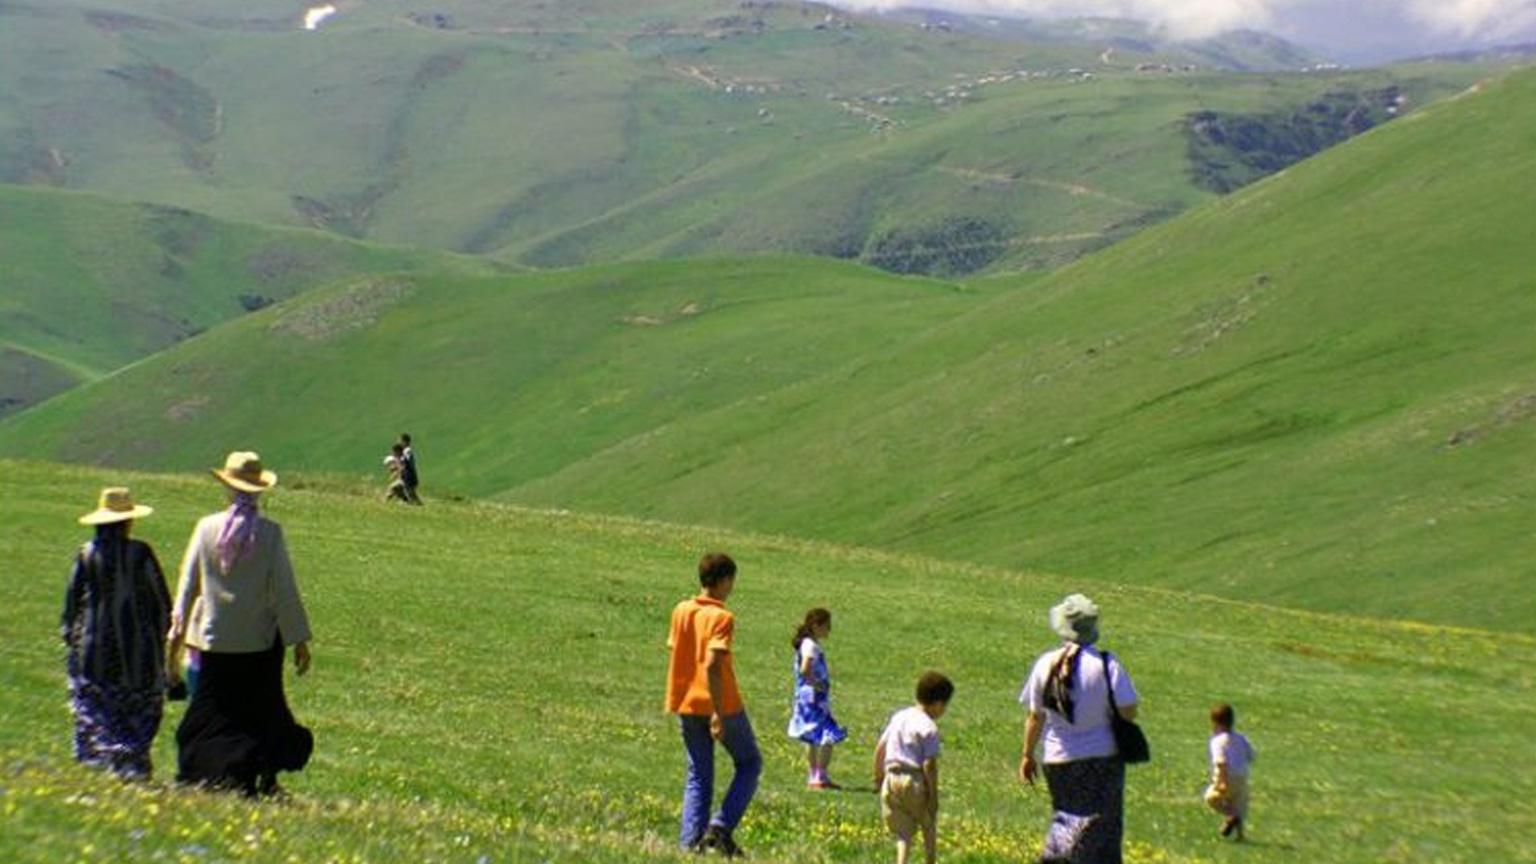 صور صدر أهم 3 أسباب تجعلك تعشق طرابزون - دليل العرب في تركيا